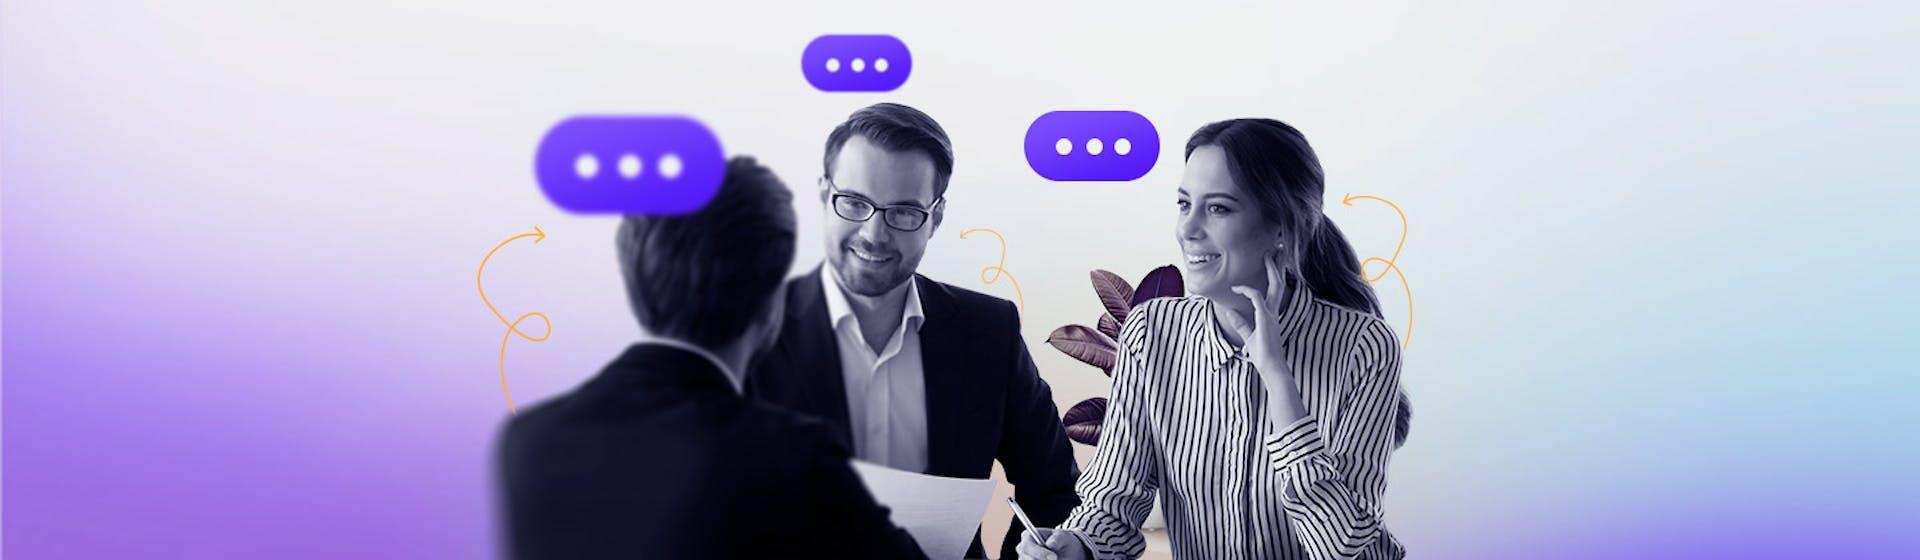 ¿Cómo promover la comunicación entre los empleados y Recursos Humanos?